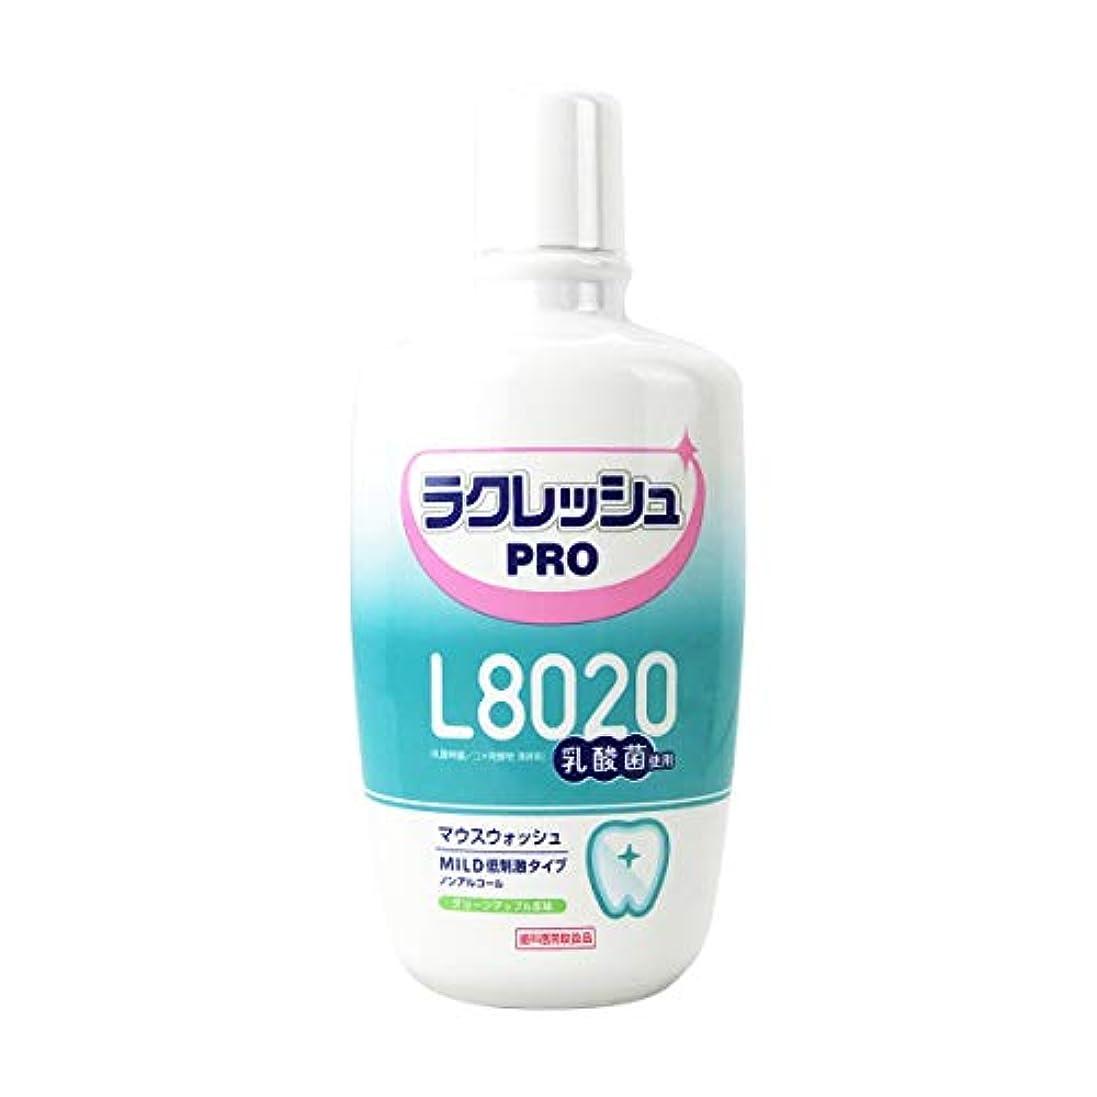 干ばつスラム甘味L8020乳酸菌 ラクレッシュPRO マウスウォッシュ ノンアルコール 洗口液 300mL 歯科医院取扱品